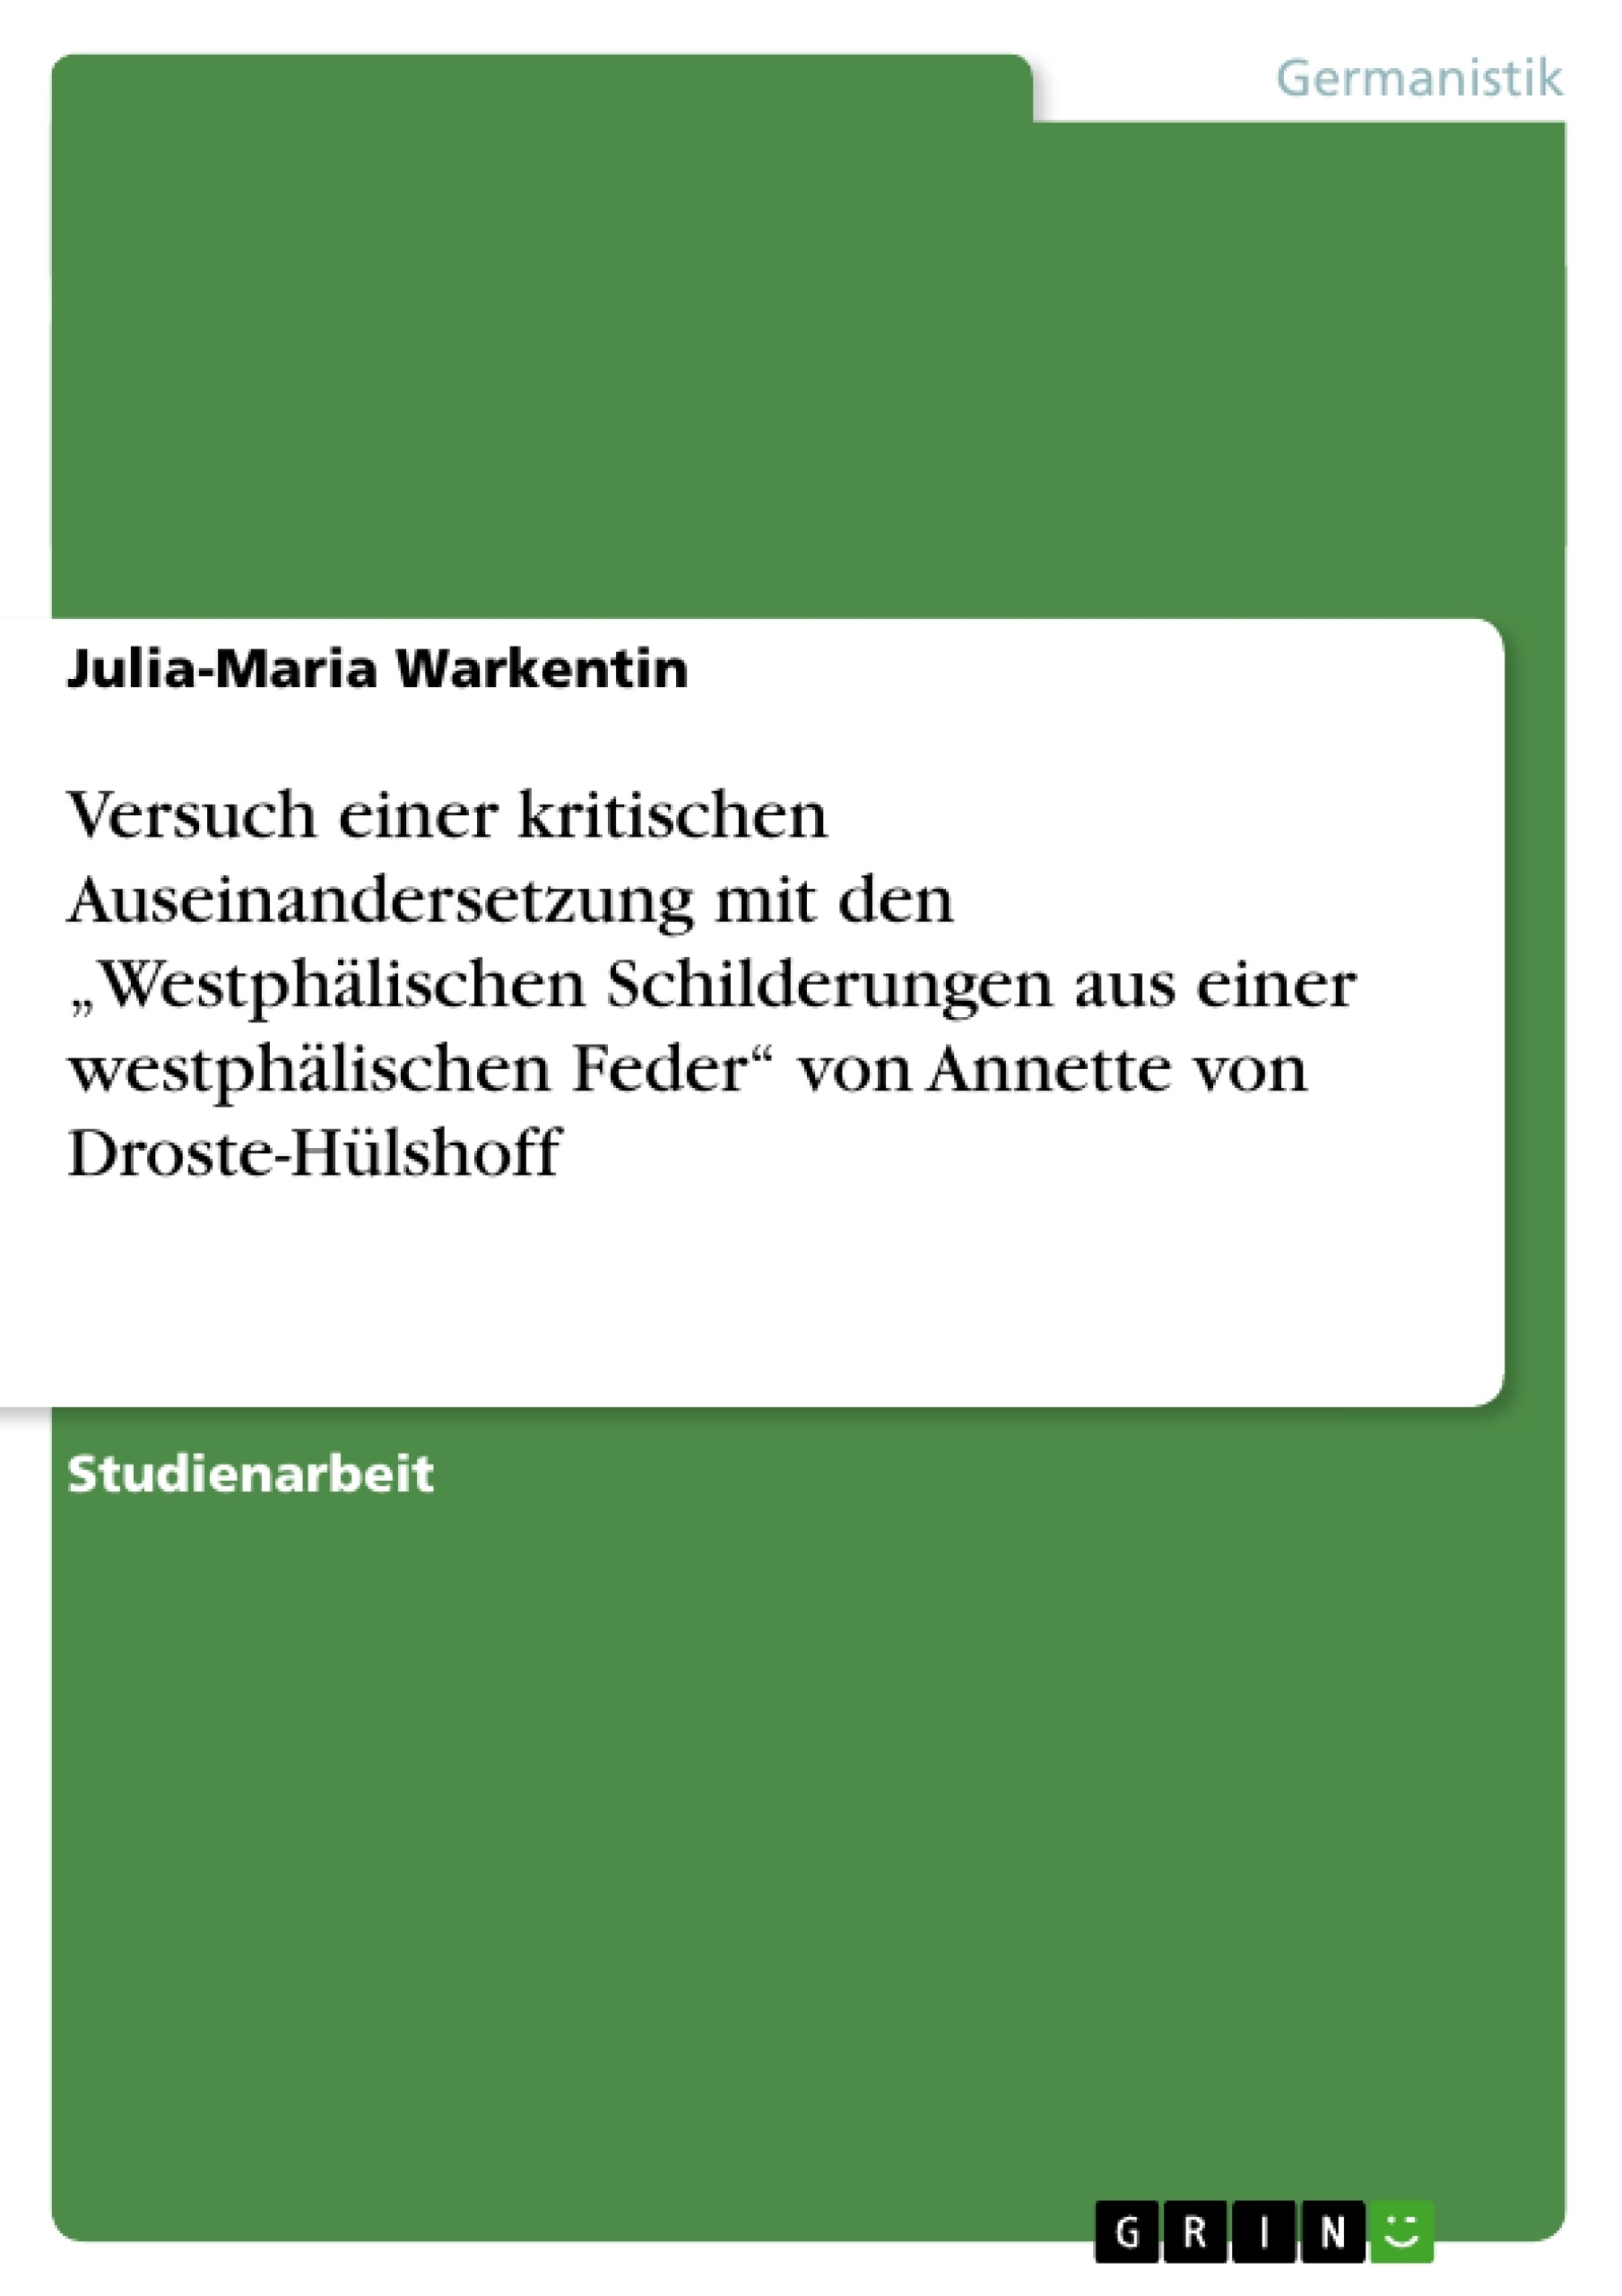 """Titel:  Versuch einer kritischen Auseinandersetzung mit den """"Westphälischen Schilderungen aus einer westphälischen Feder"""" von Annette von Droste-Hülshoff"""